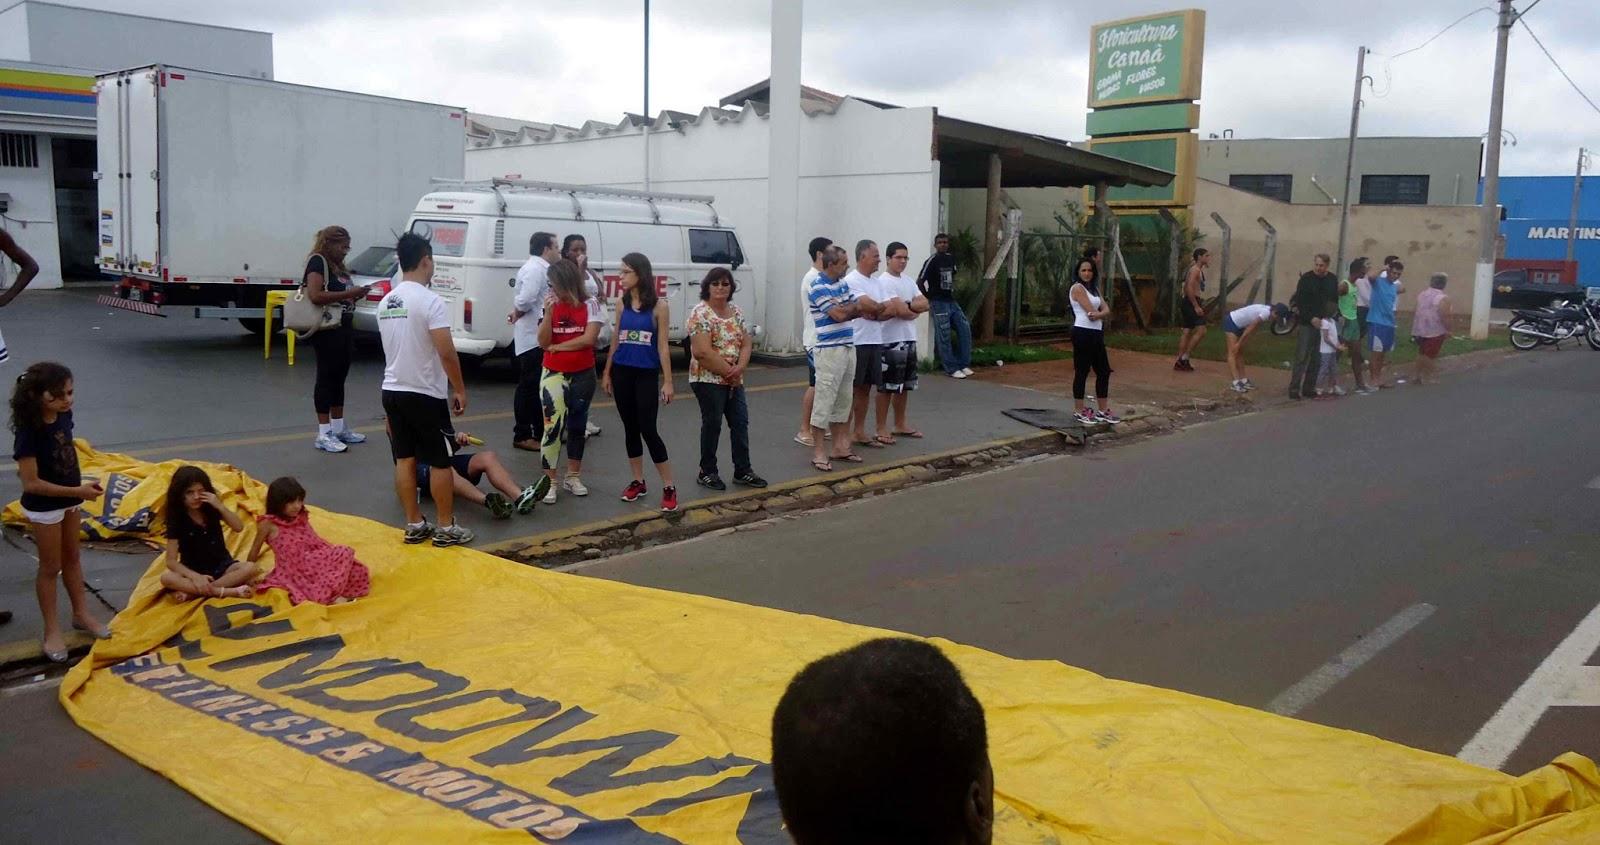 Foto 126 da 1ª Corrida Av. dos Coqueiros em Barretos-SP 14/04/2013 – Atletas cruzando a linha de chegada